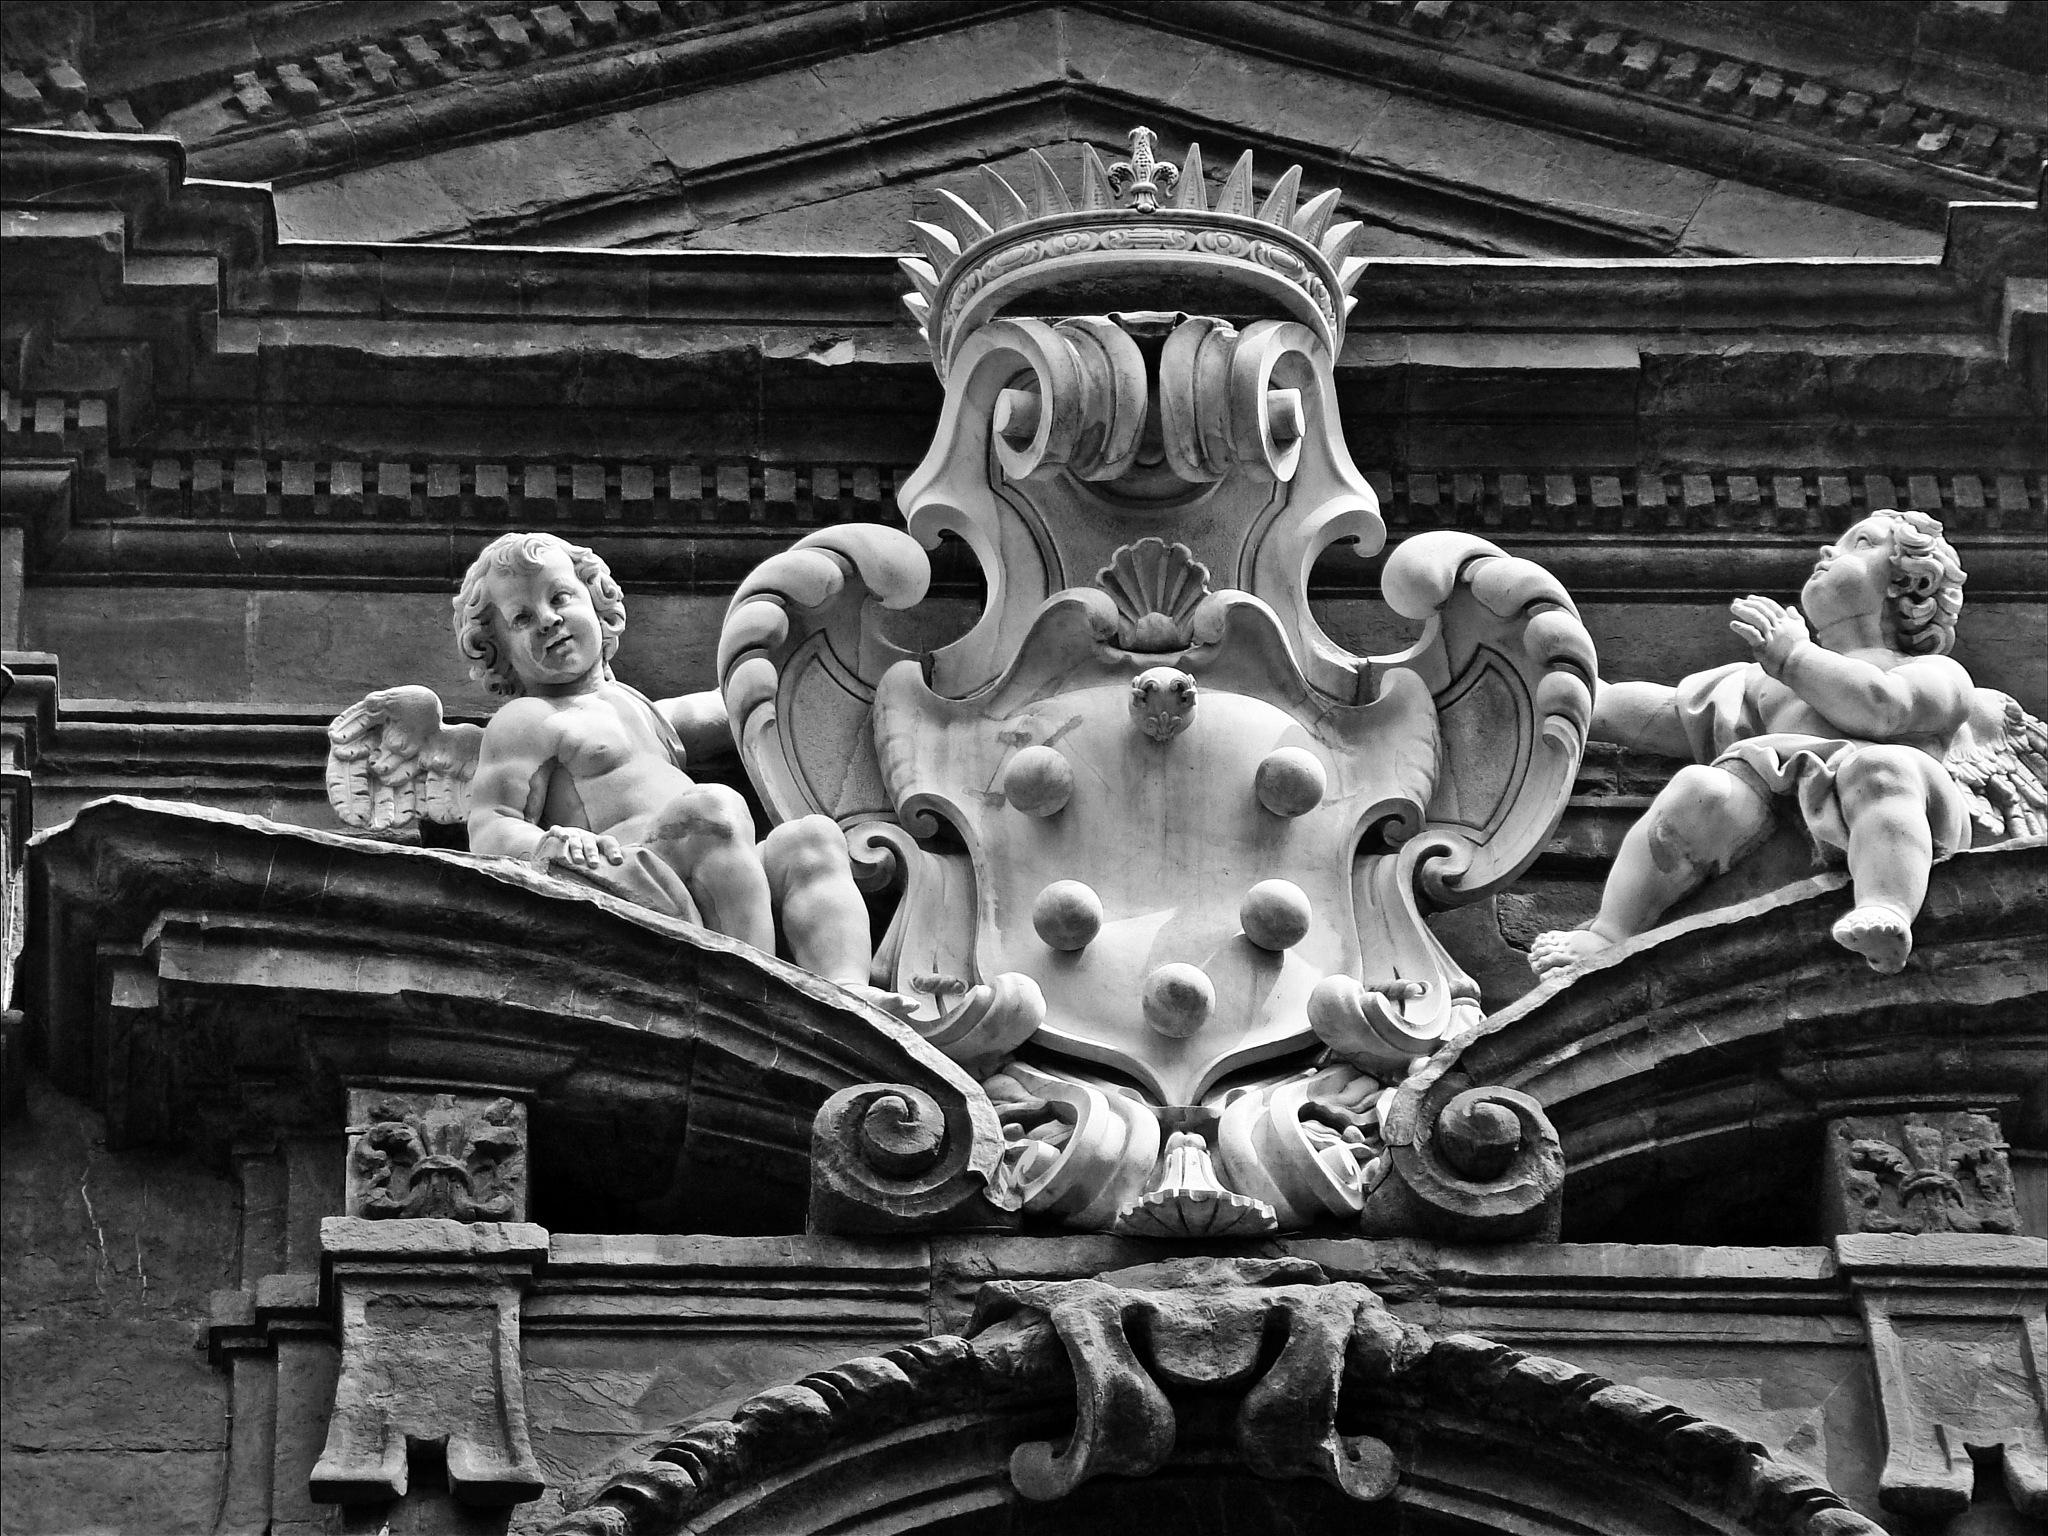 detalhe arquitetônico em um palacete de florença by Fred Matos